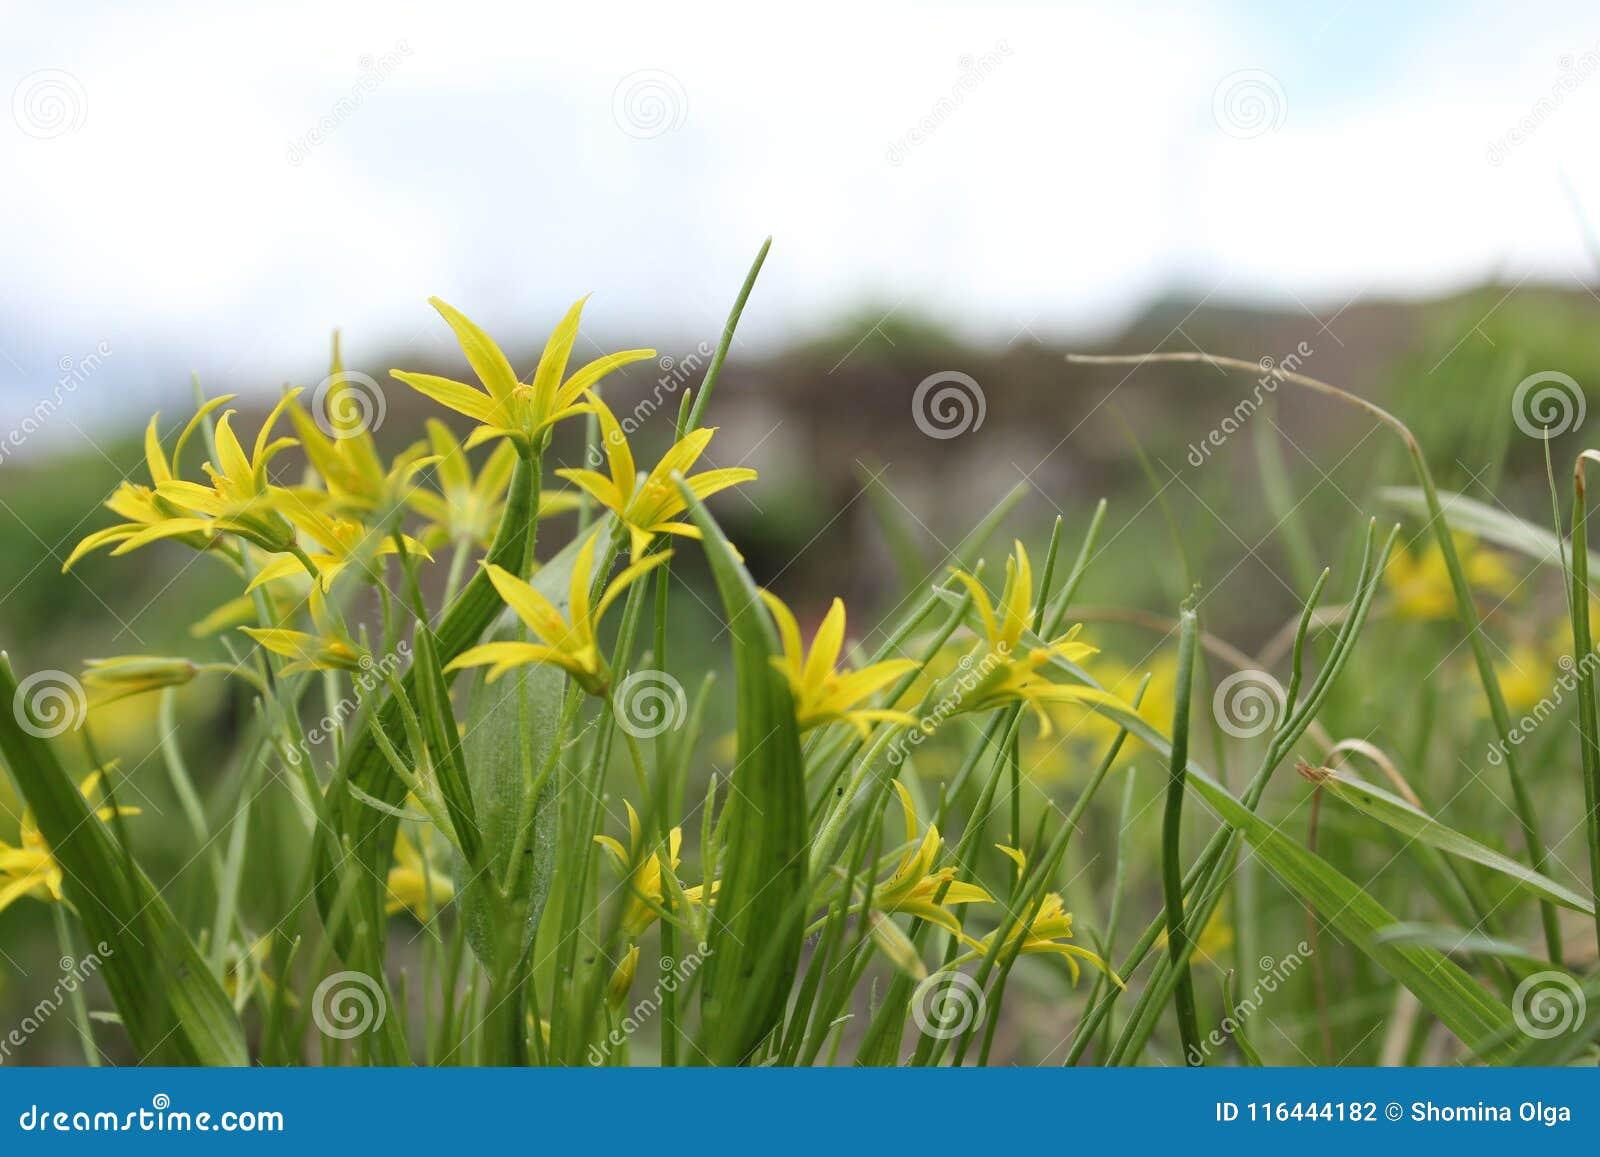 黄色报春花- gagea